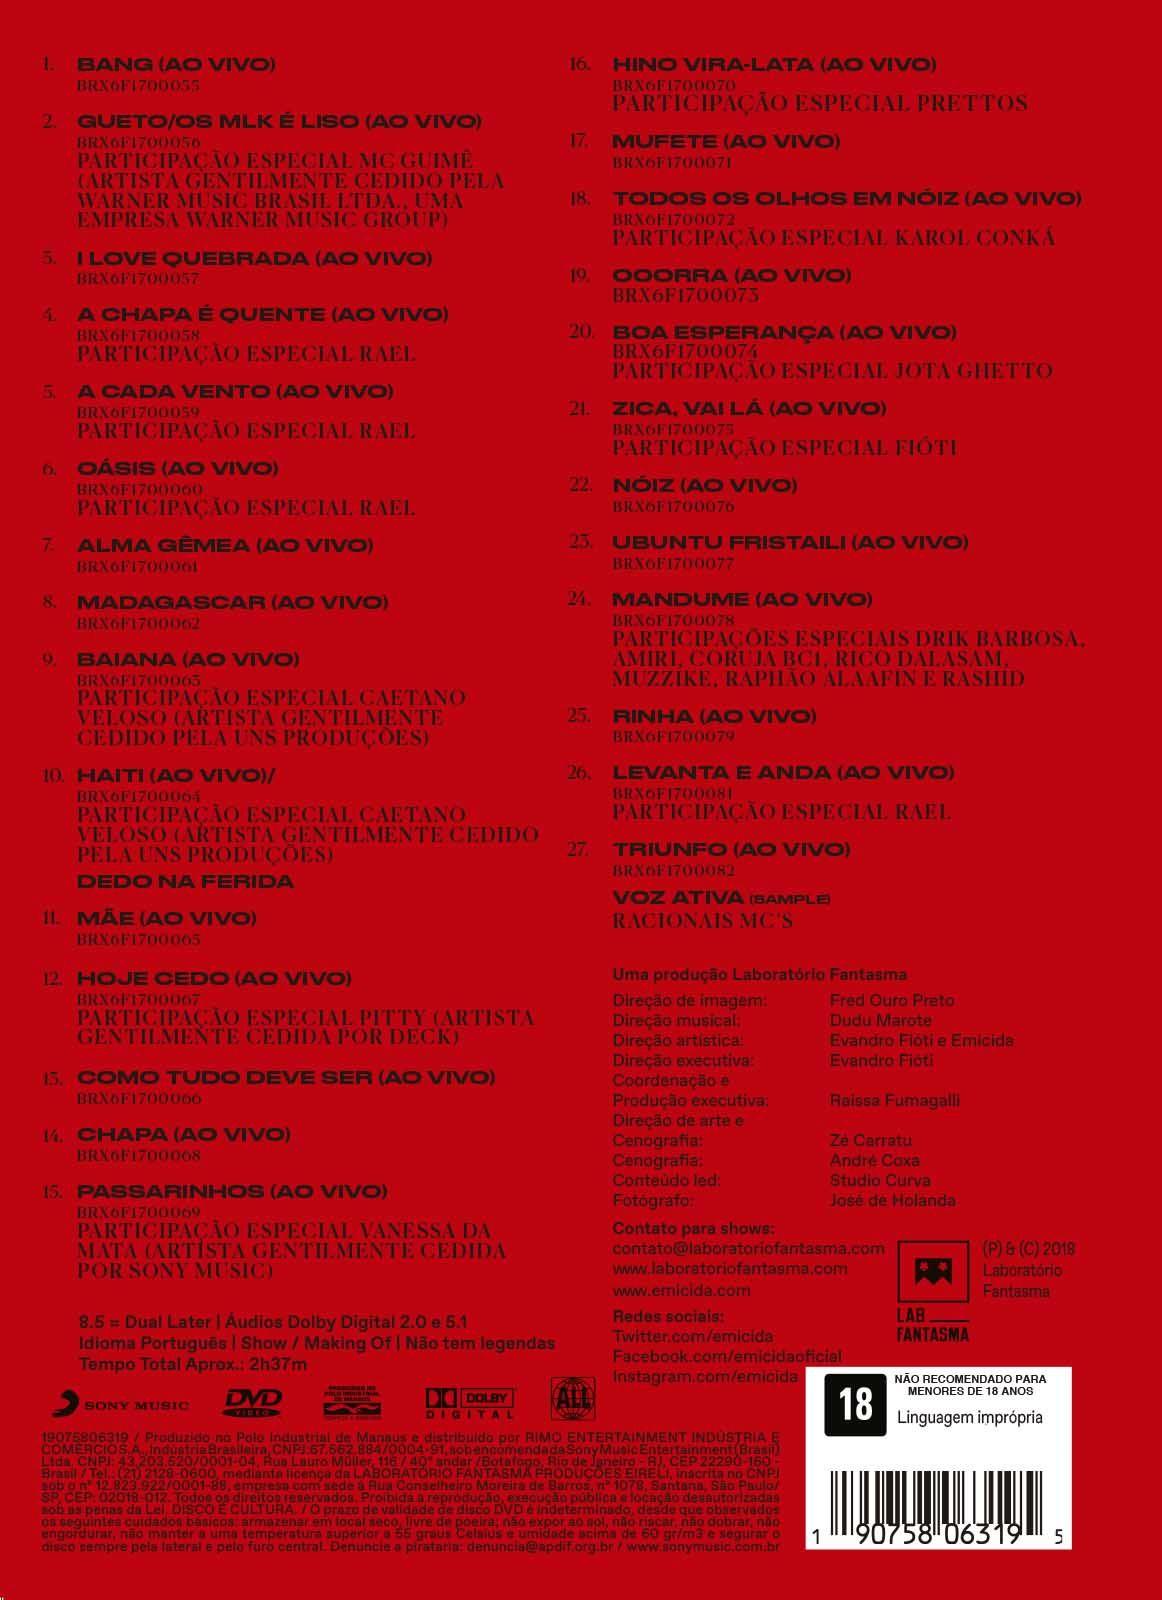 DVD Emicida - 10 anos de Triunfo - Ao vivo